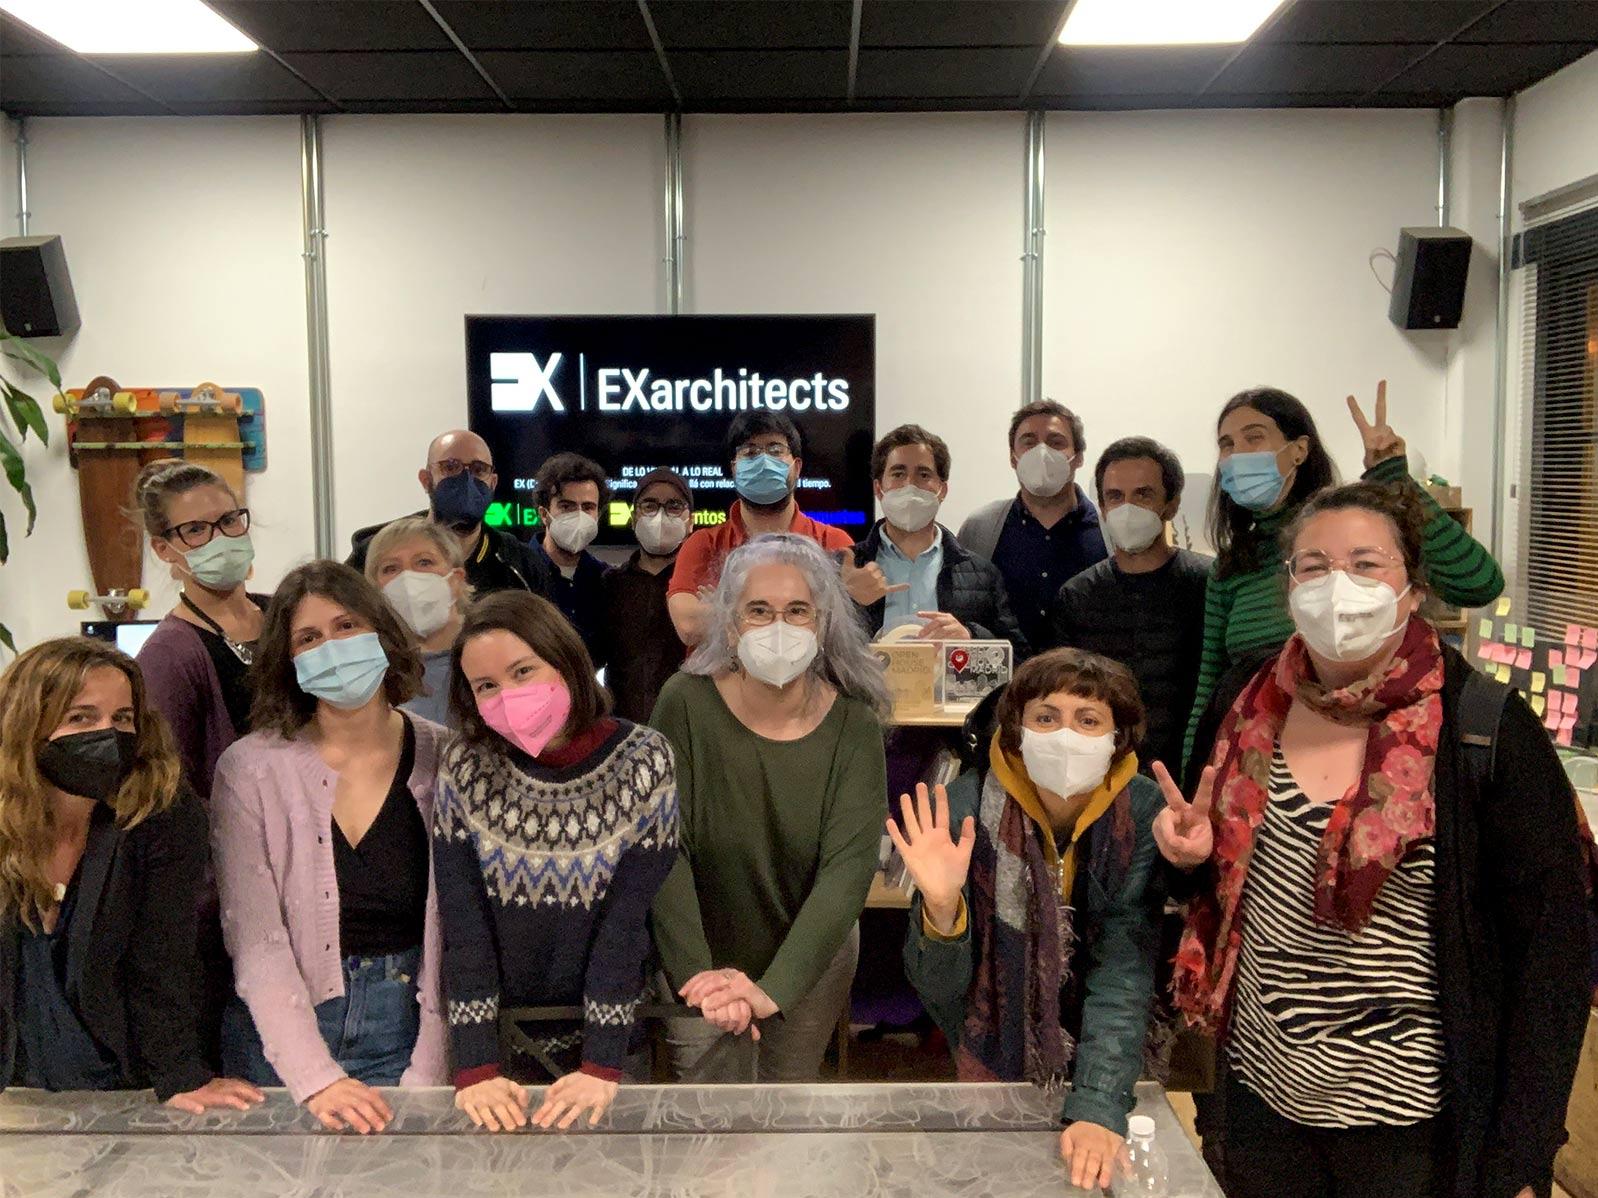 iAtelier para Fundesarte y Crafting Europe de Fábrica de Fabricantes y EXarchitects